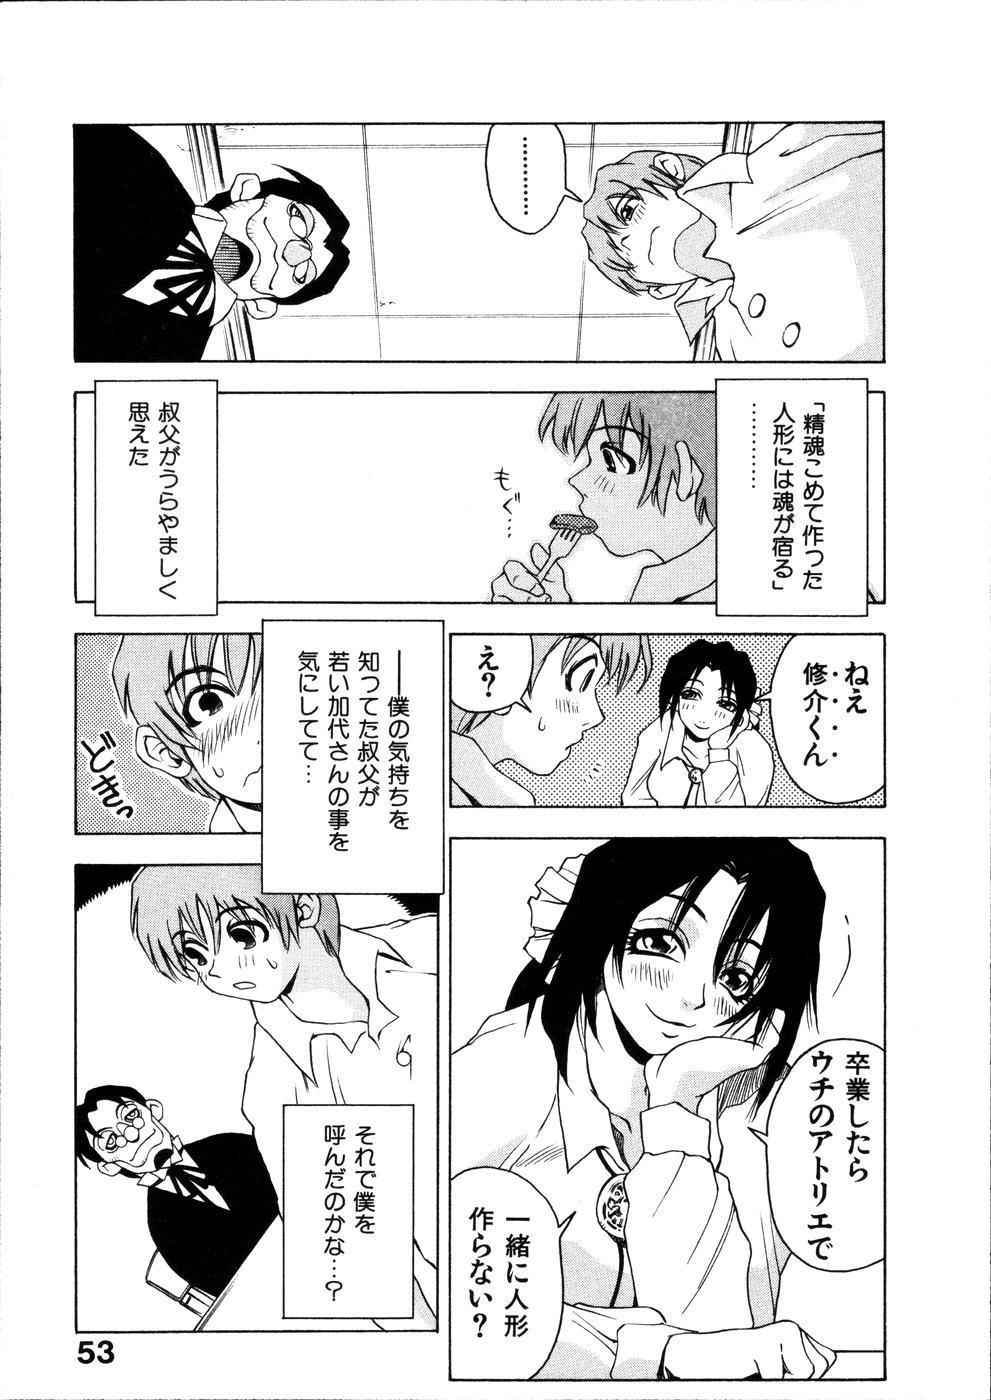 Hotaru 53